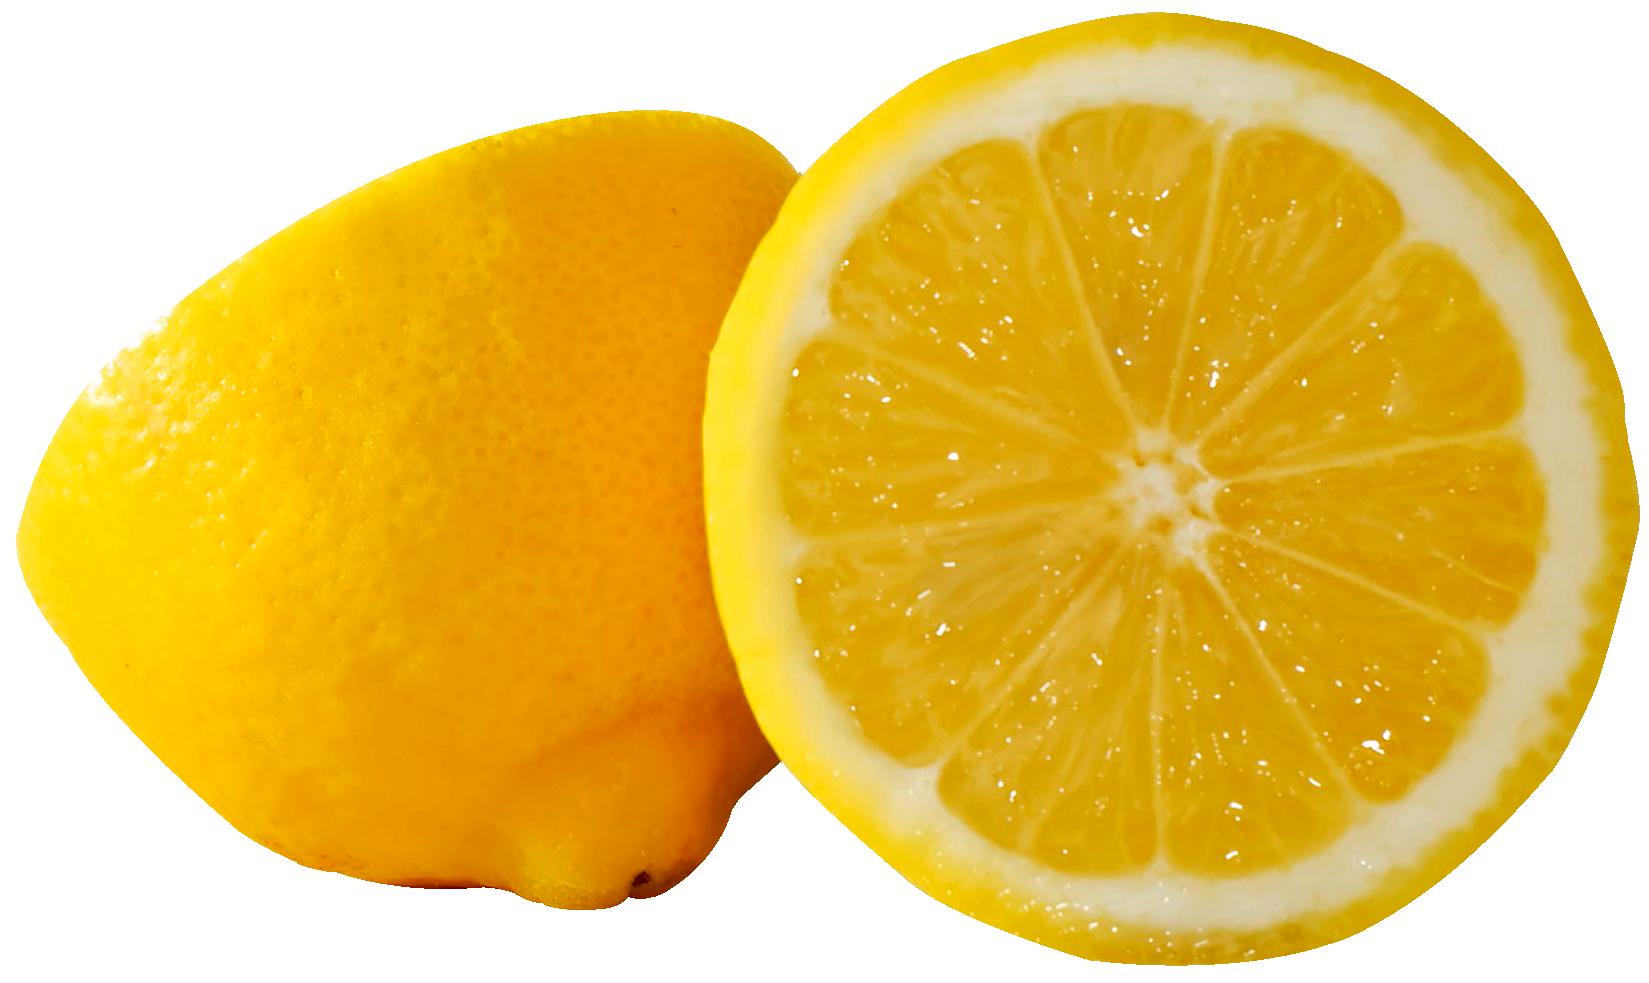 Lemon png transparent images. Lemons clipart sour taste